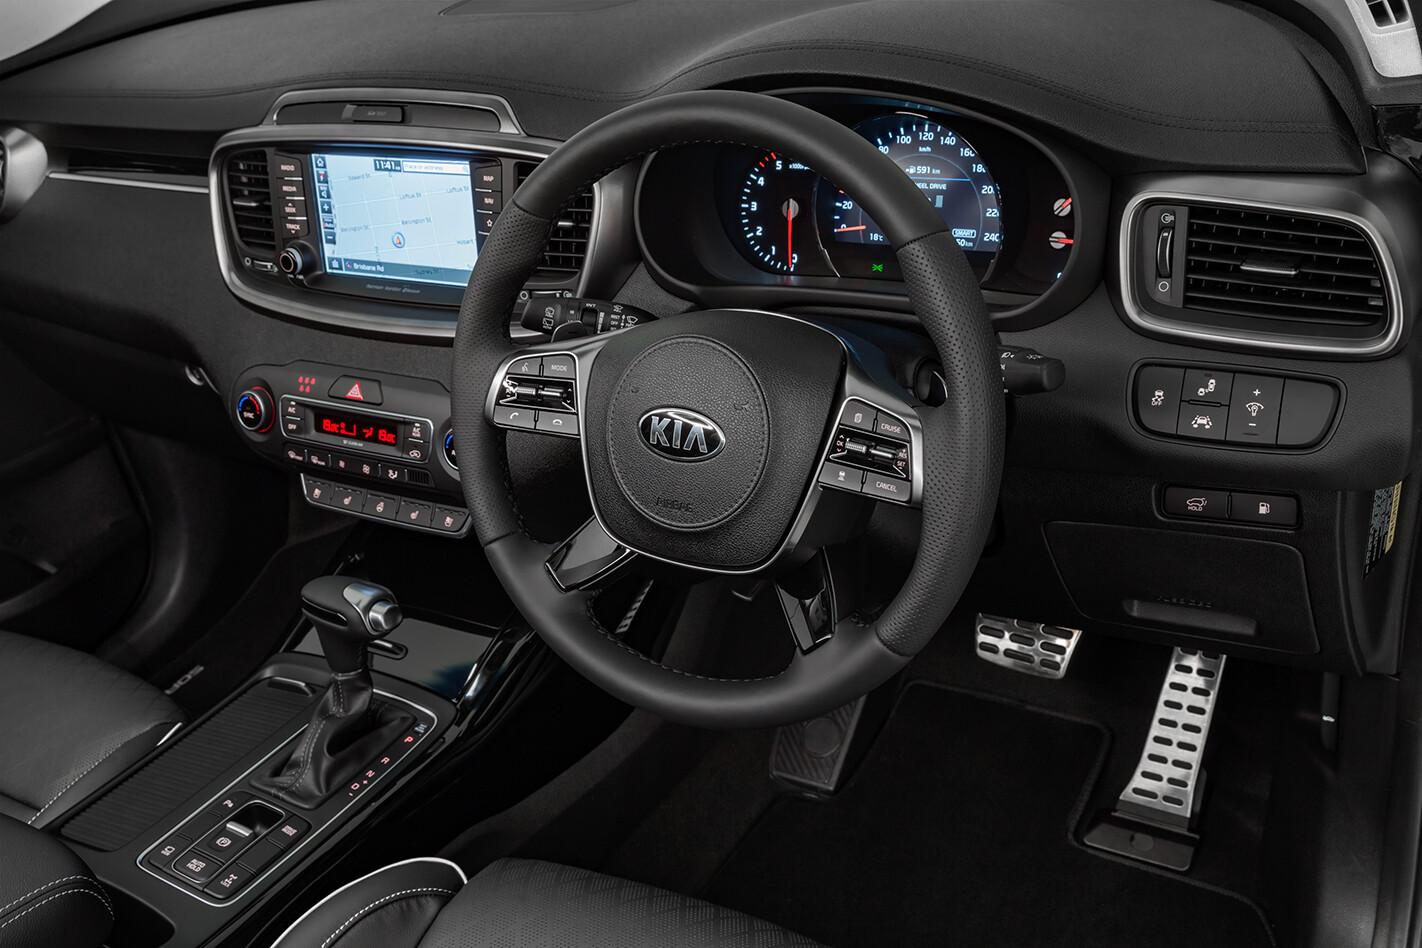 2018 Kia Sorento GT-Line interior